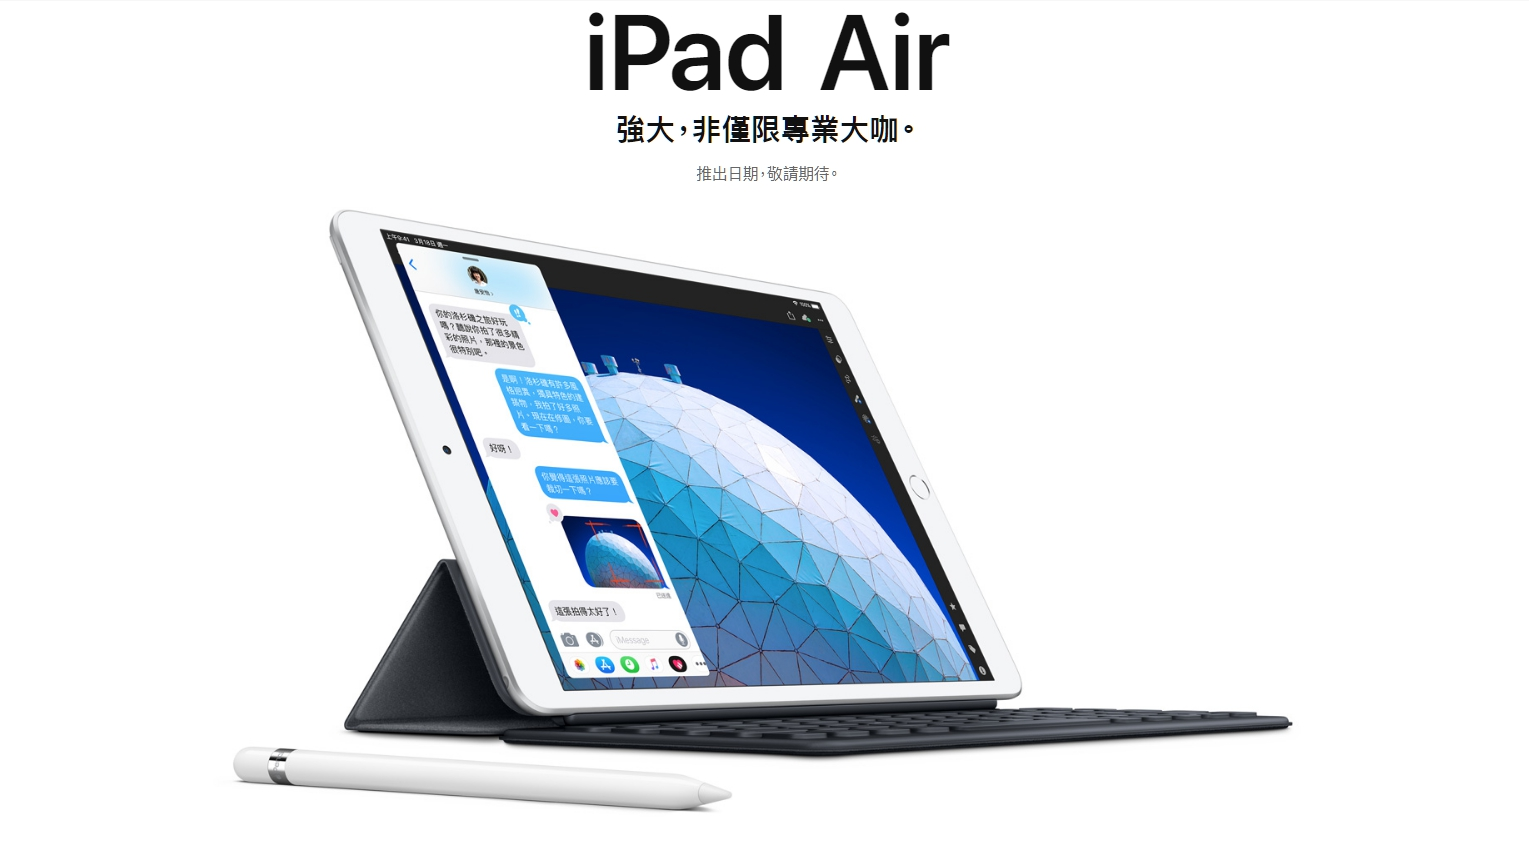 iPad Air 搭配聰穎鍵盤